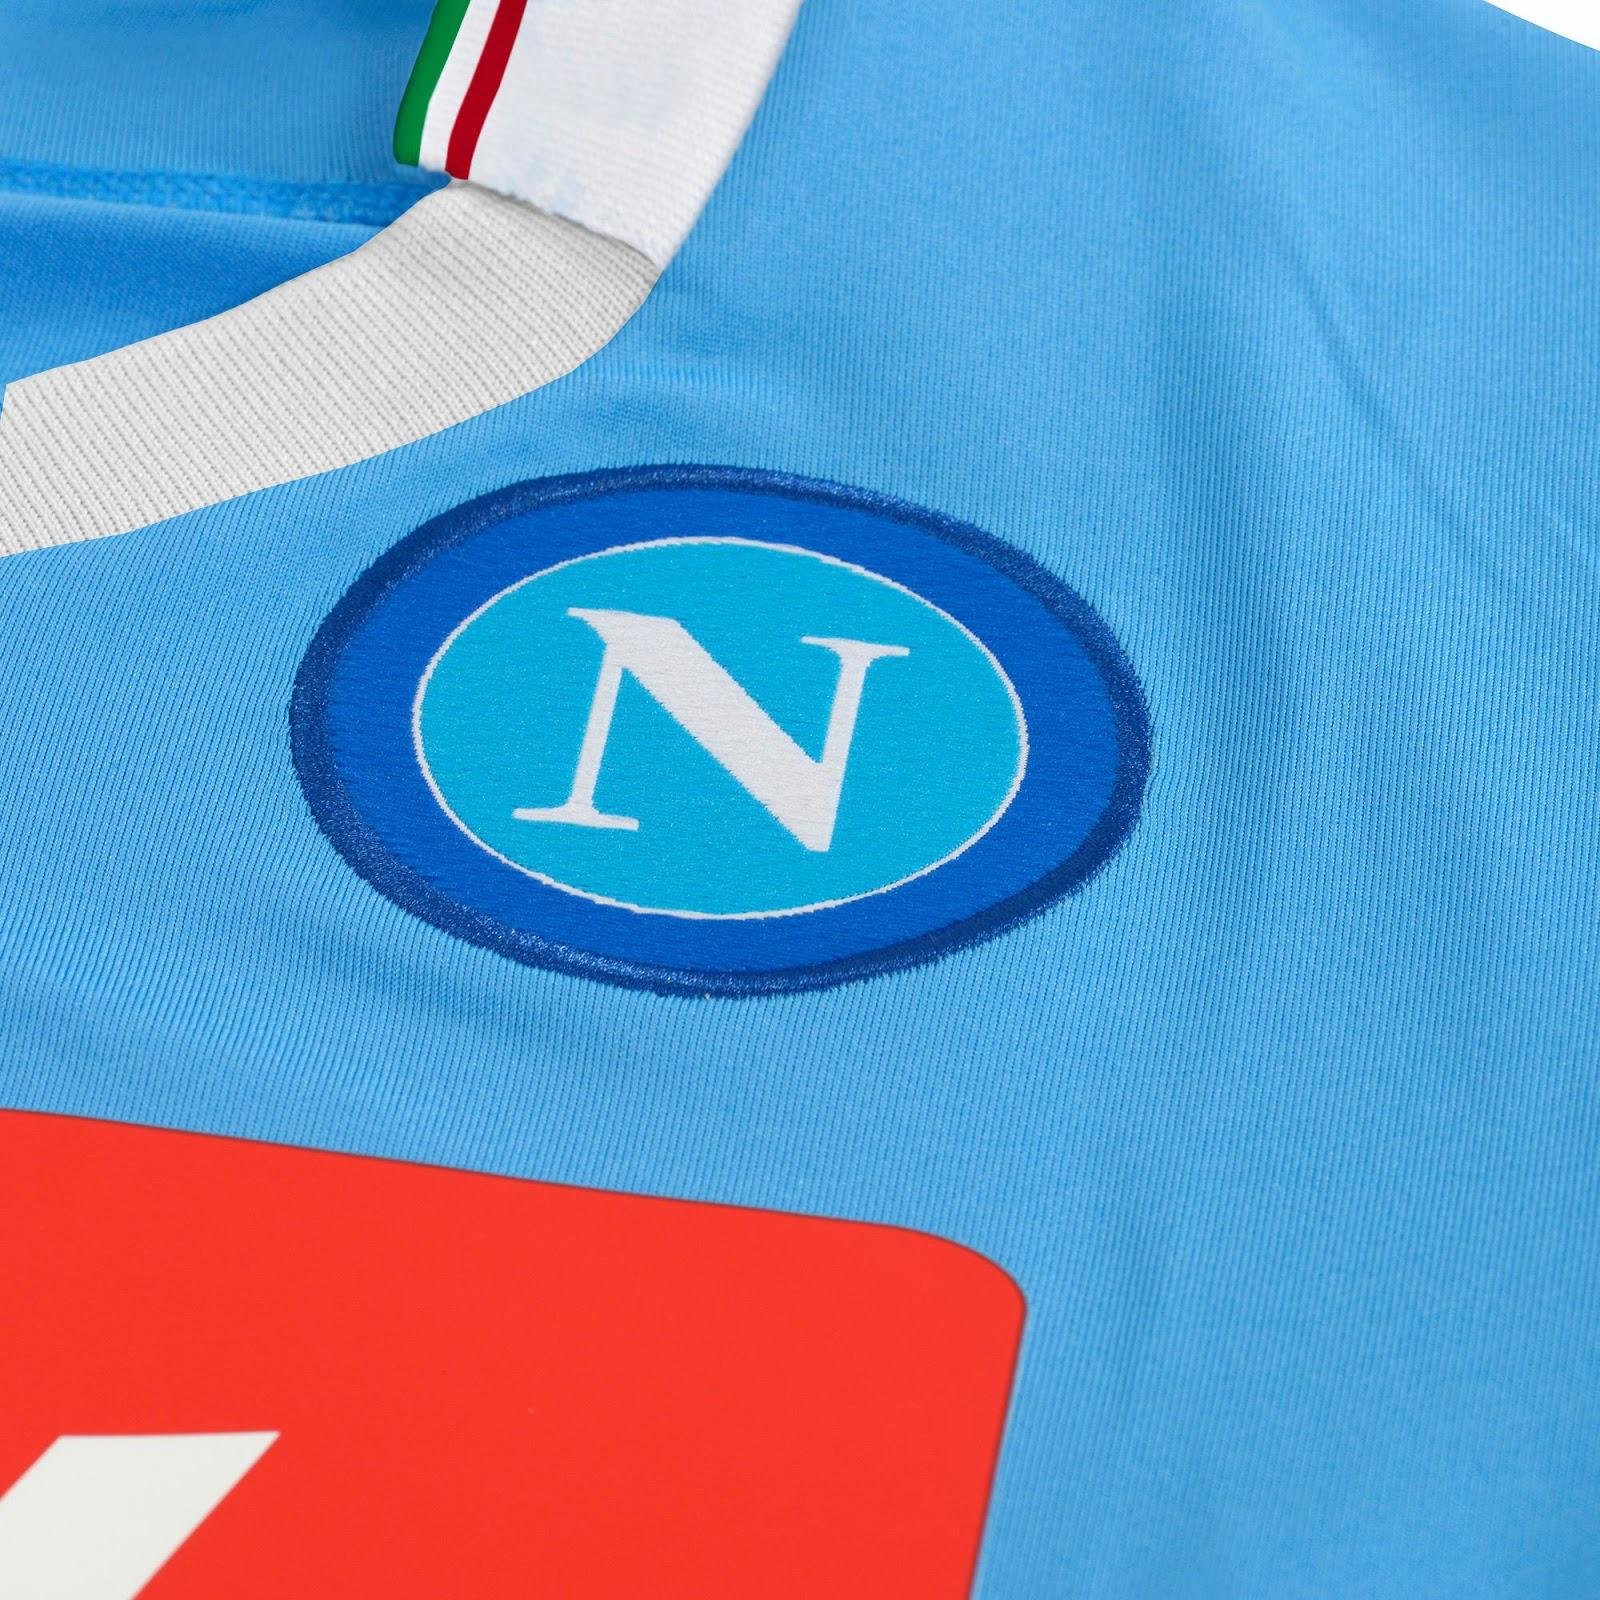 SSC Napoli 2014 Coppa Italia Home Kit (4)